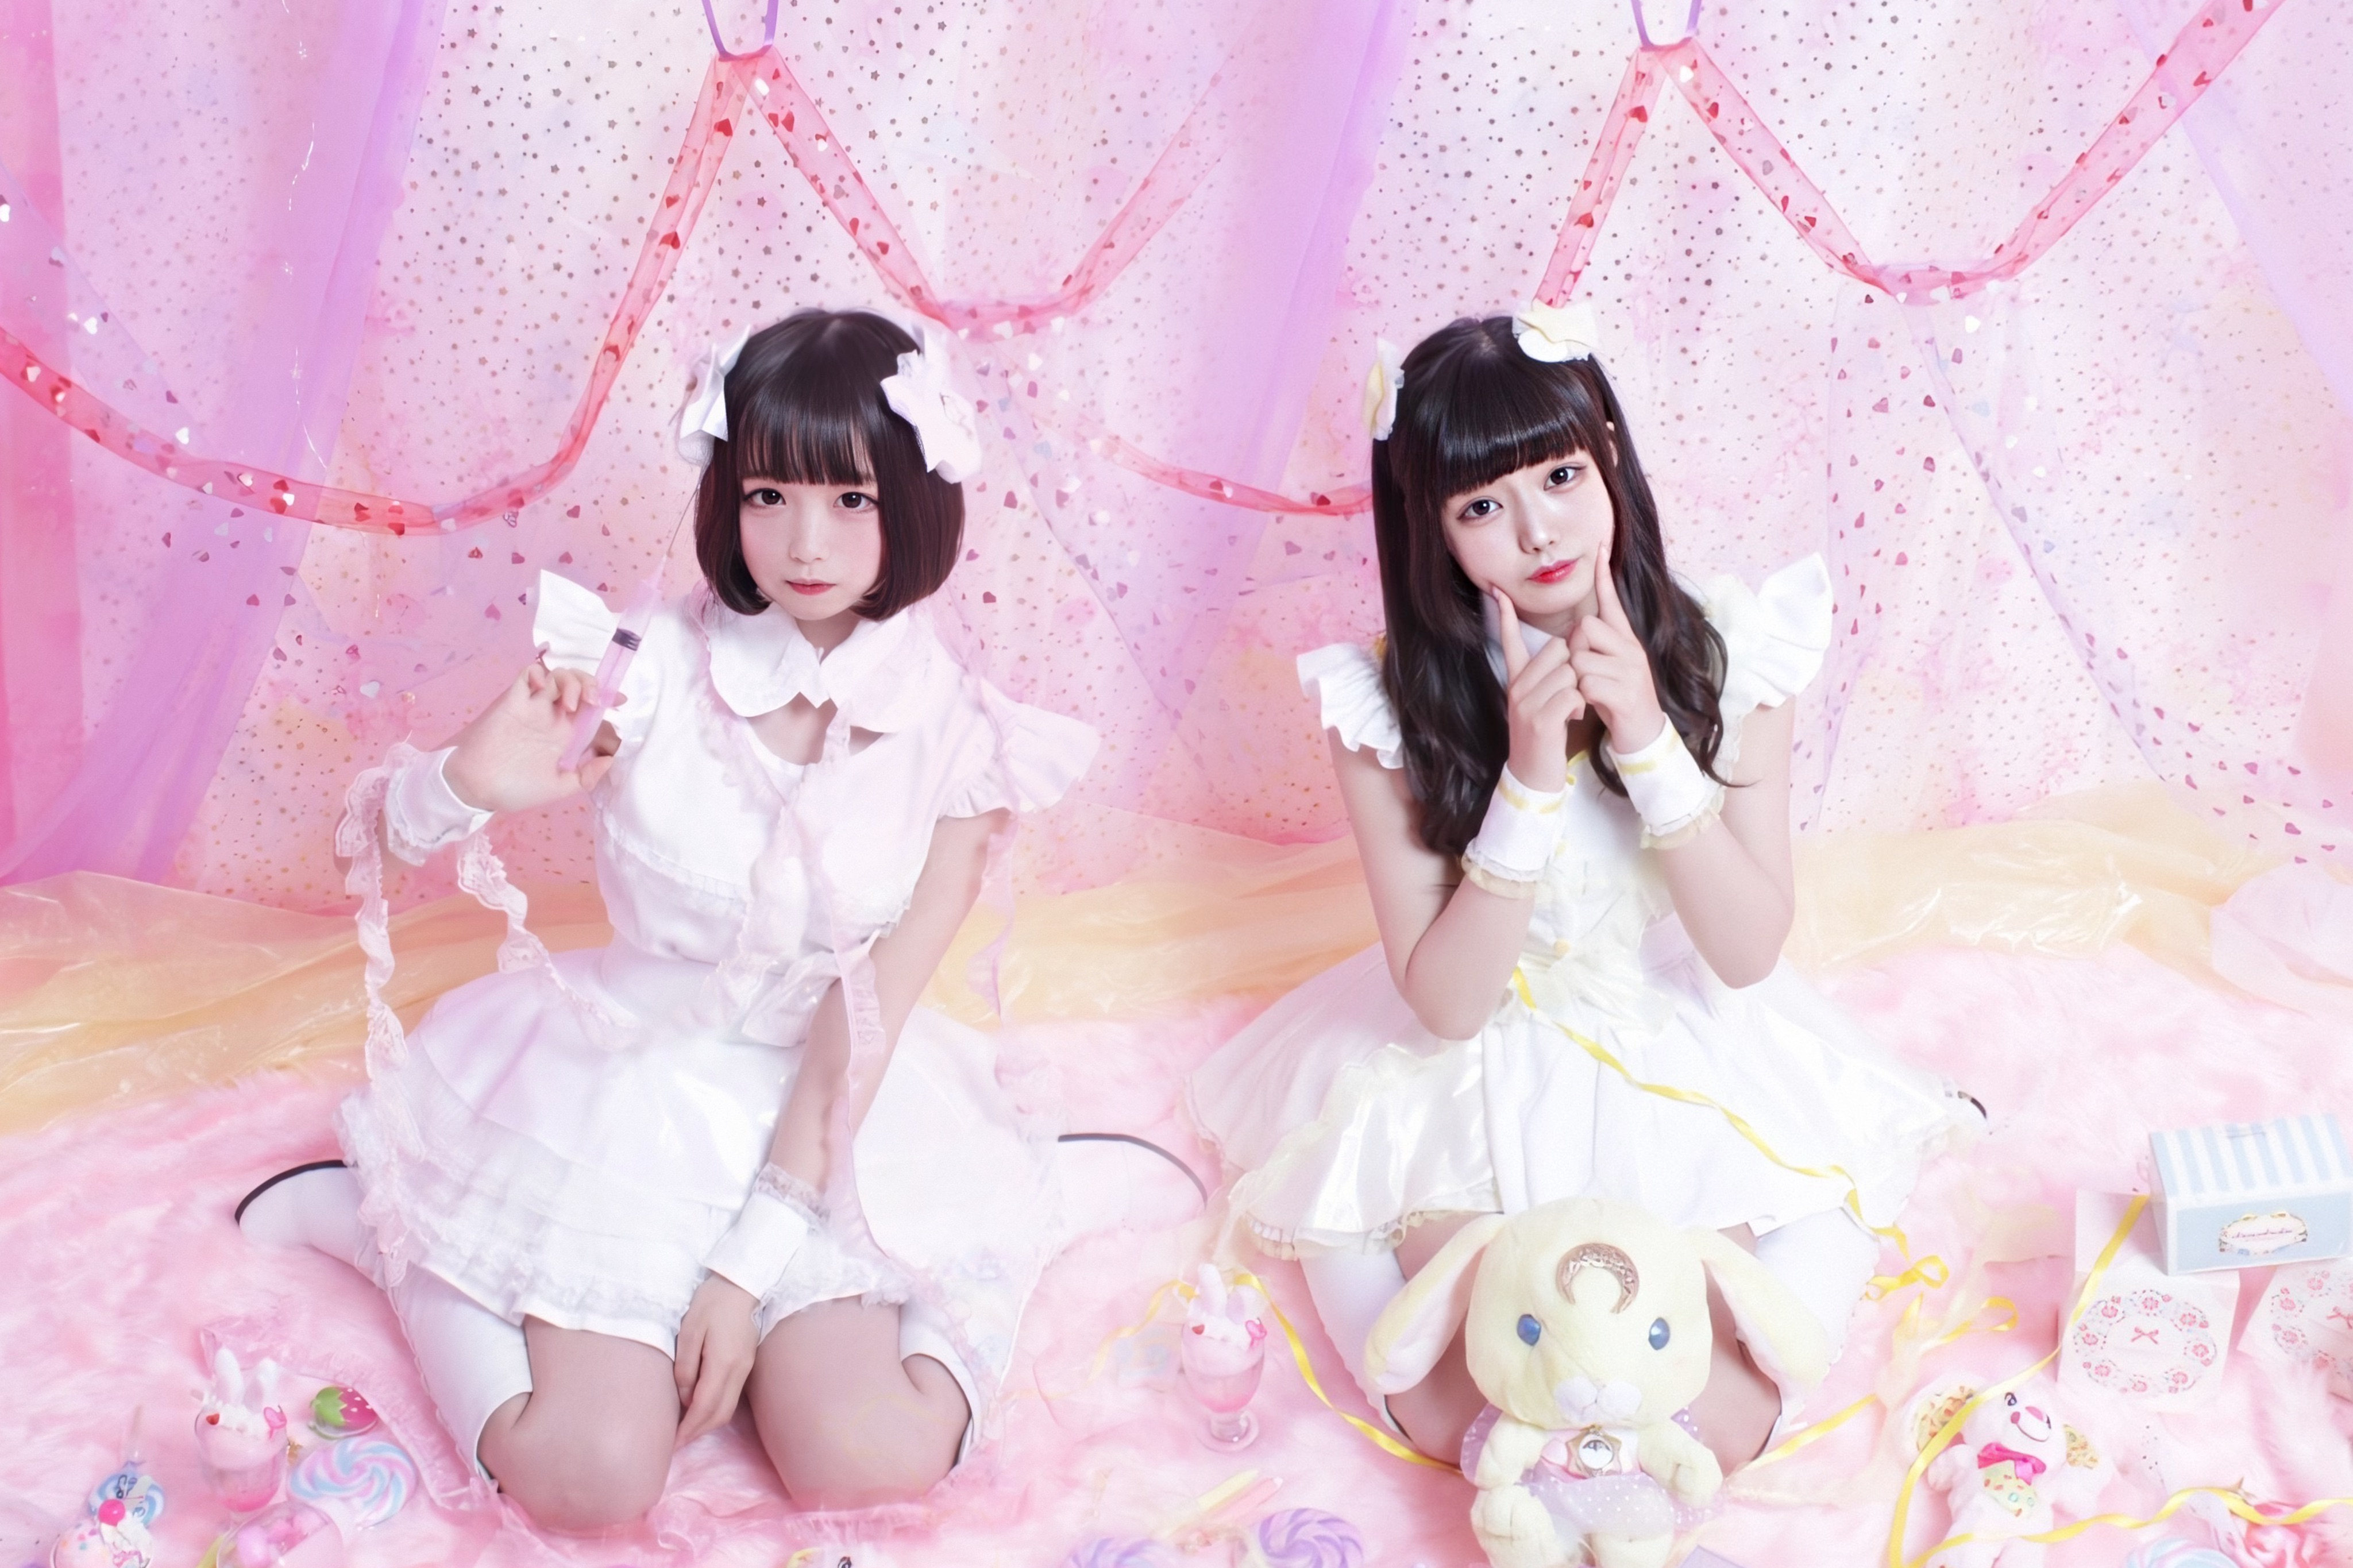 オーディション 「Baby♡♡Holic」新メンバー募集 かわいい衣装でキラキラなステージ! 楽しく本気でアイドルしませんか? 主催:Baby♡♡Holic、カテゴリ:アイドル(正統派)